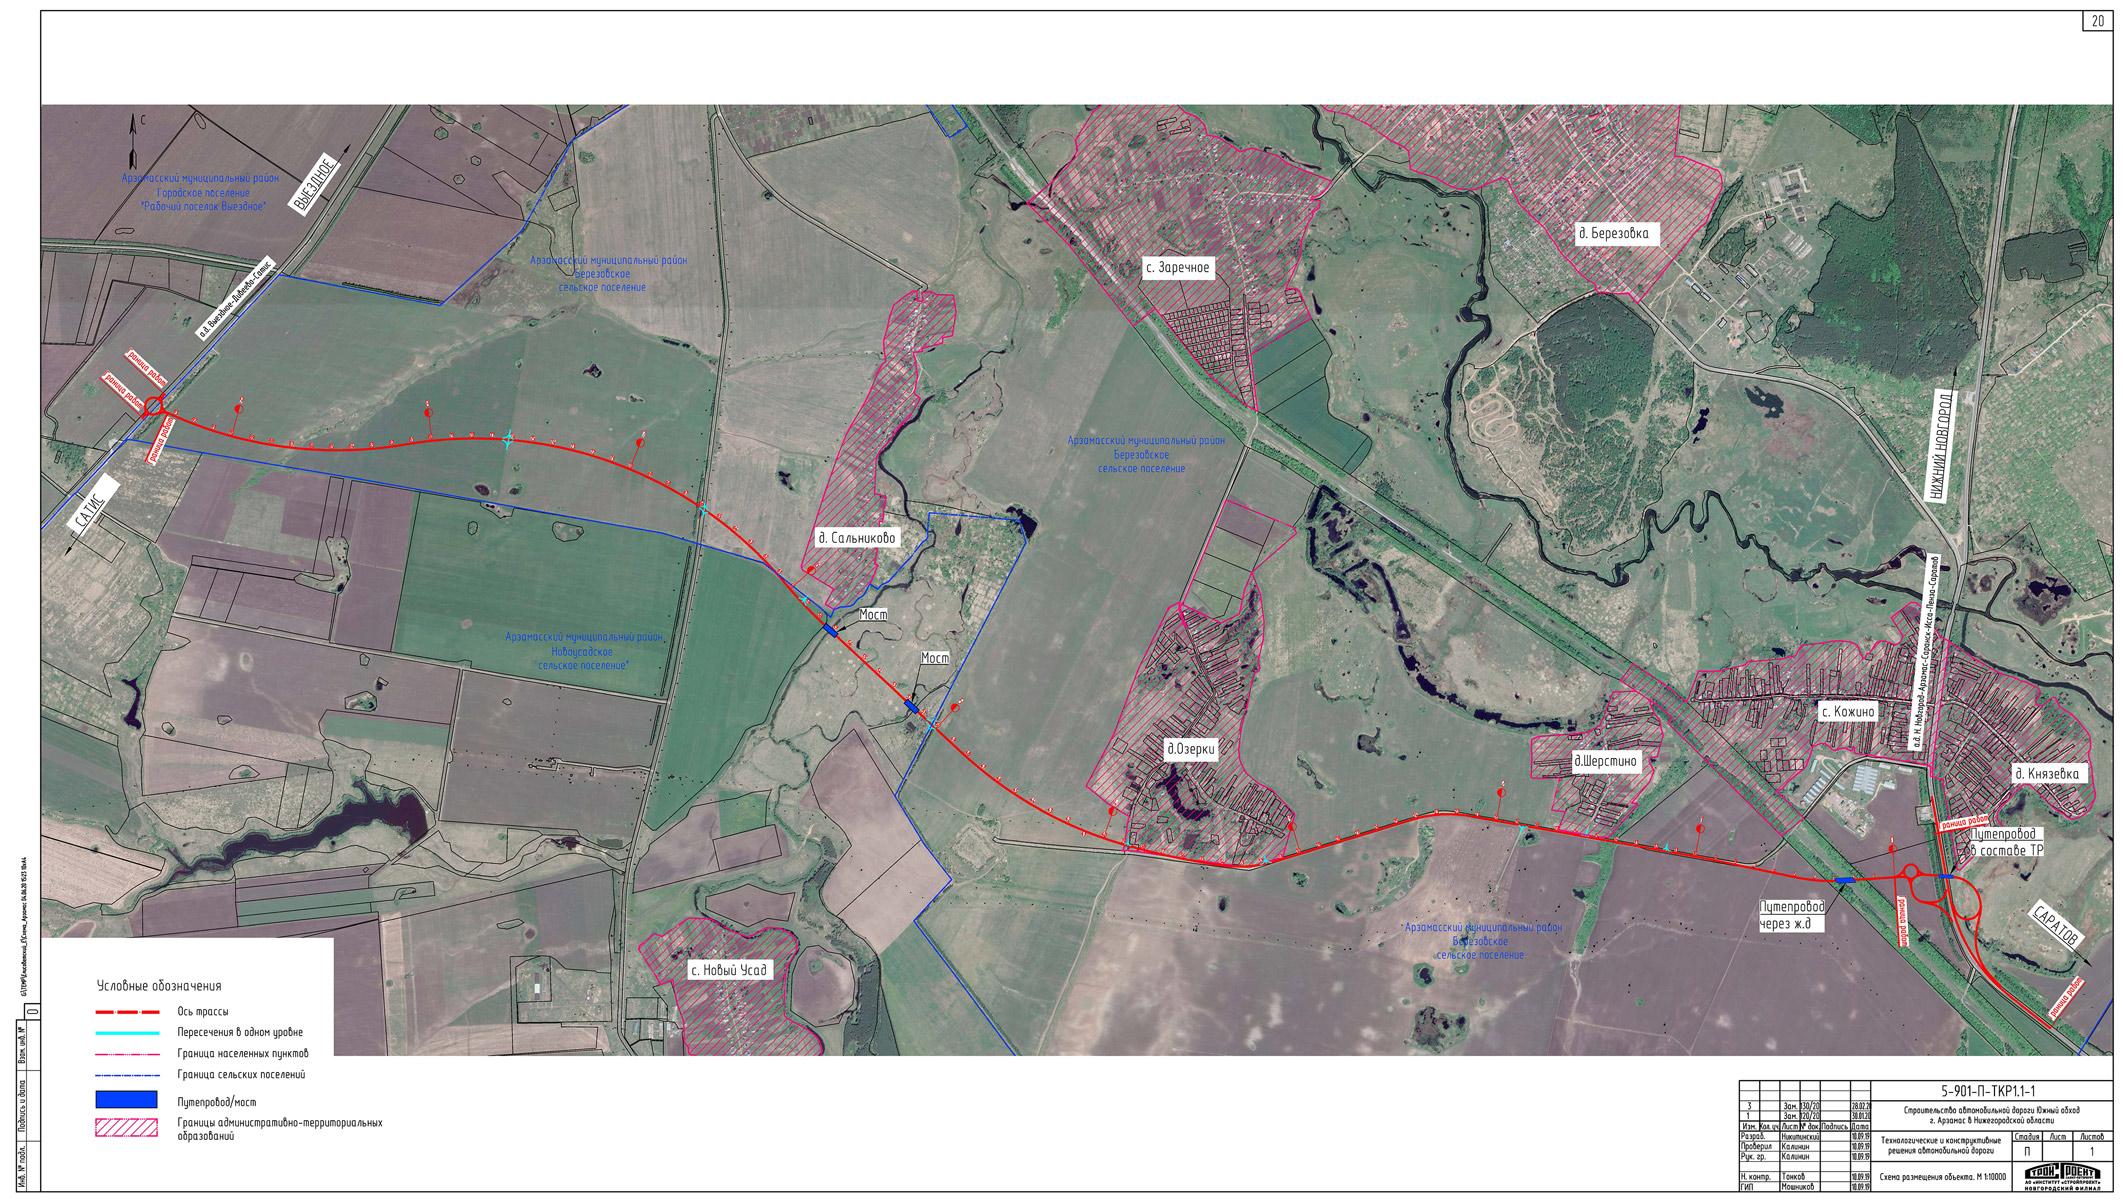 Проект строительства южного обхода города Арзамаса получил положительное заключение экспертизы